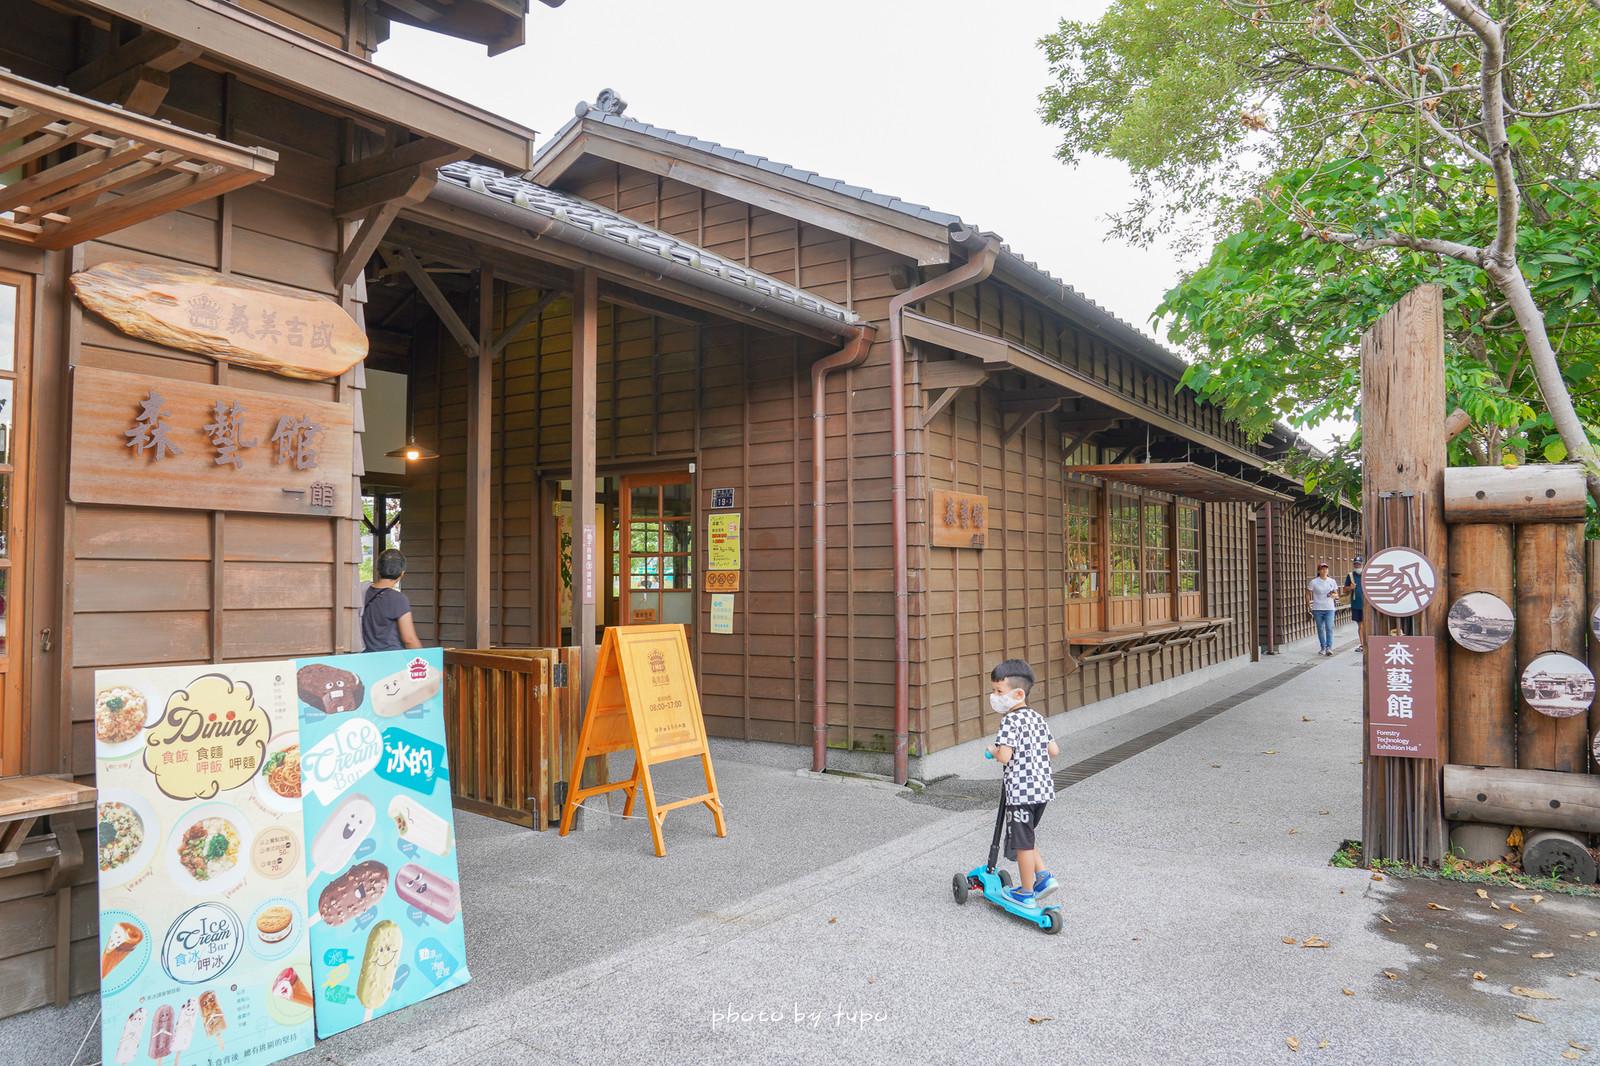 宜蘭景點》羅東林場最新玩法:20公頃十個場館免門票任你玩,日式宿舍群、室內景點,林場玩一整圈超充實